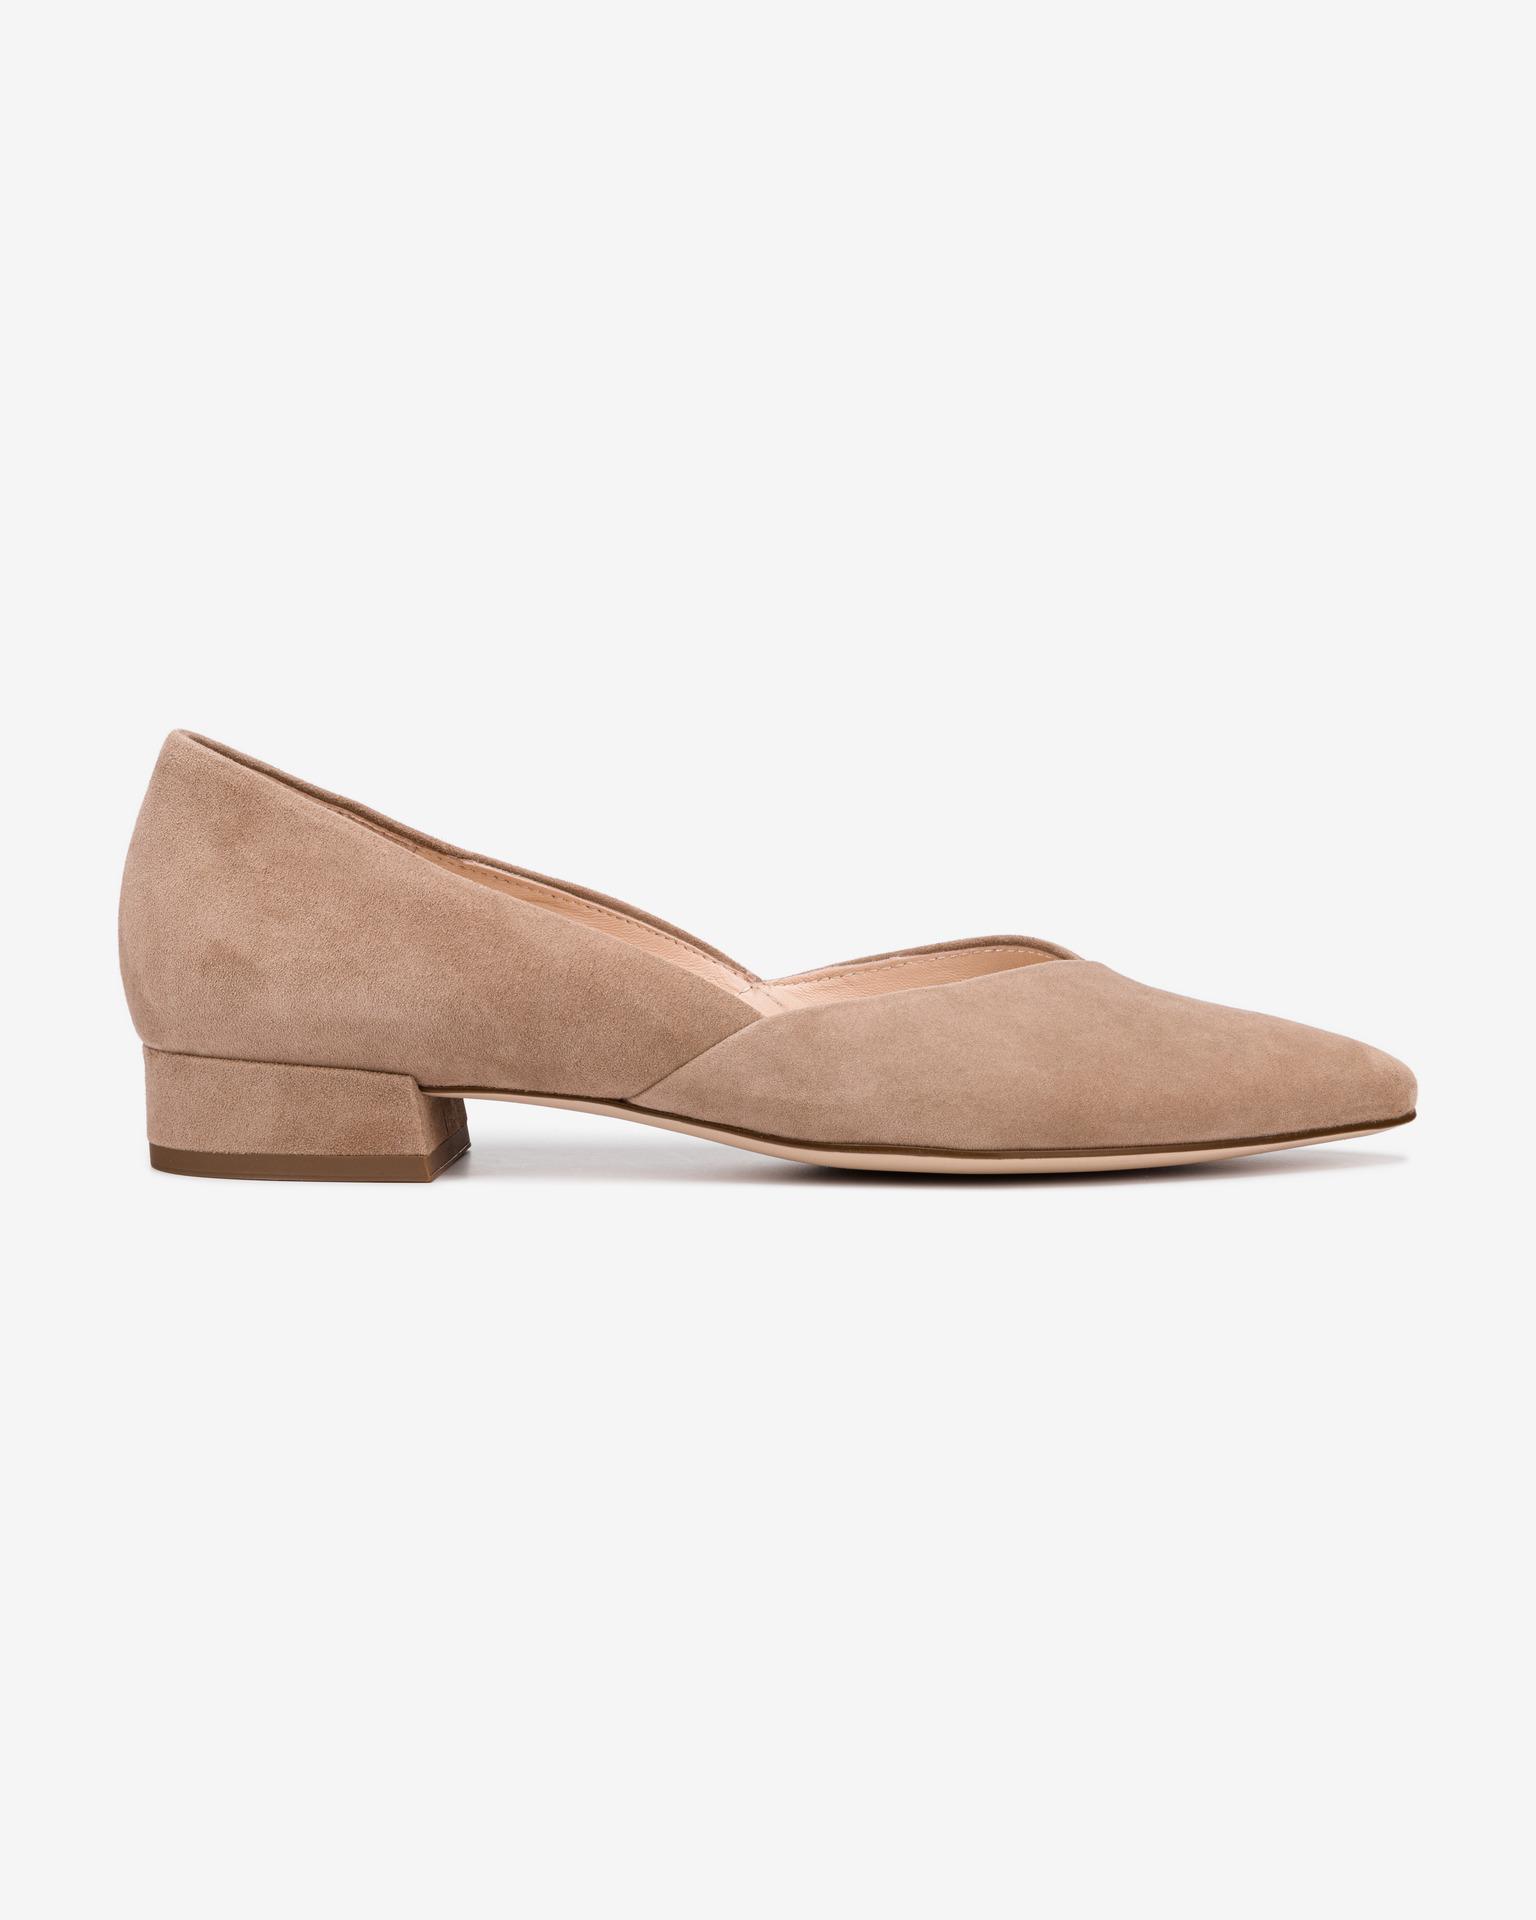 Högl hnedé kožené topánky na podpätku - 37